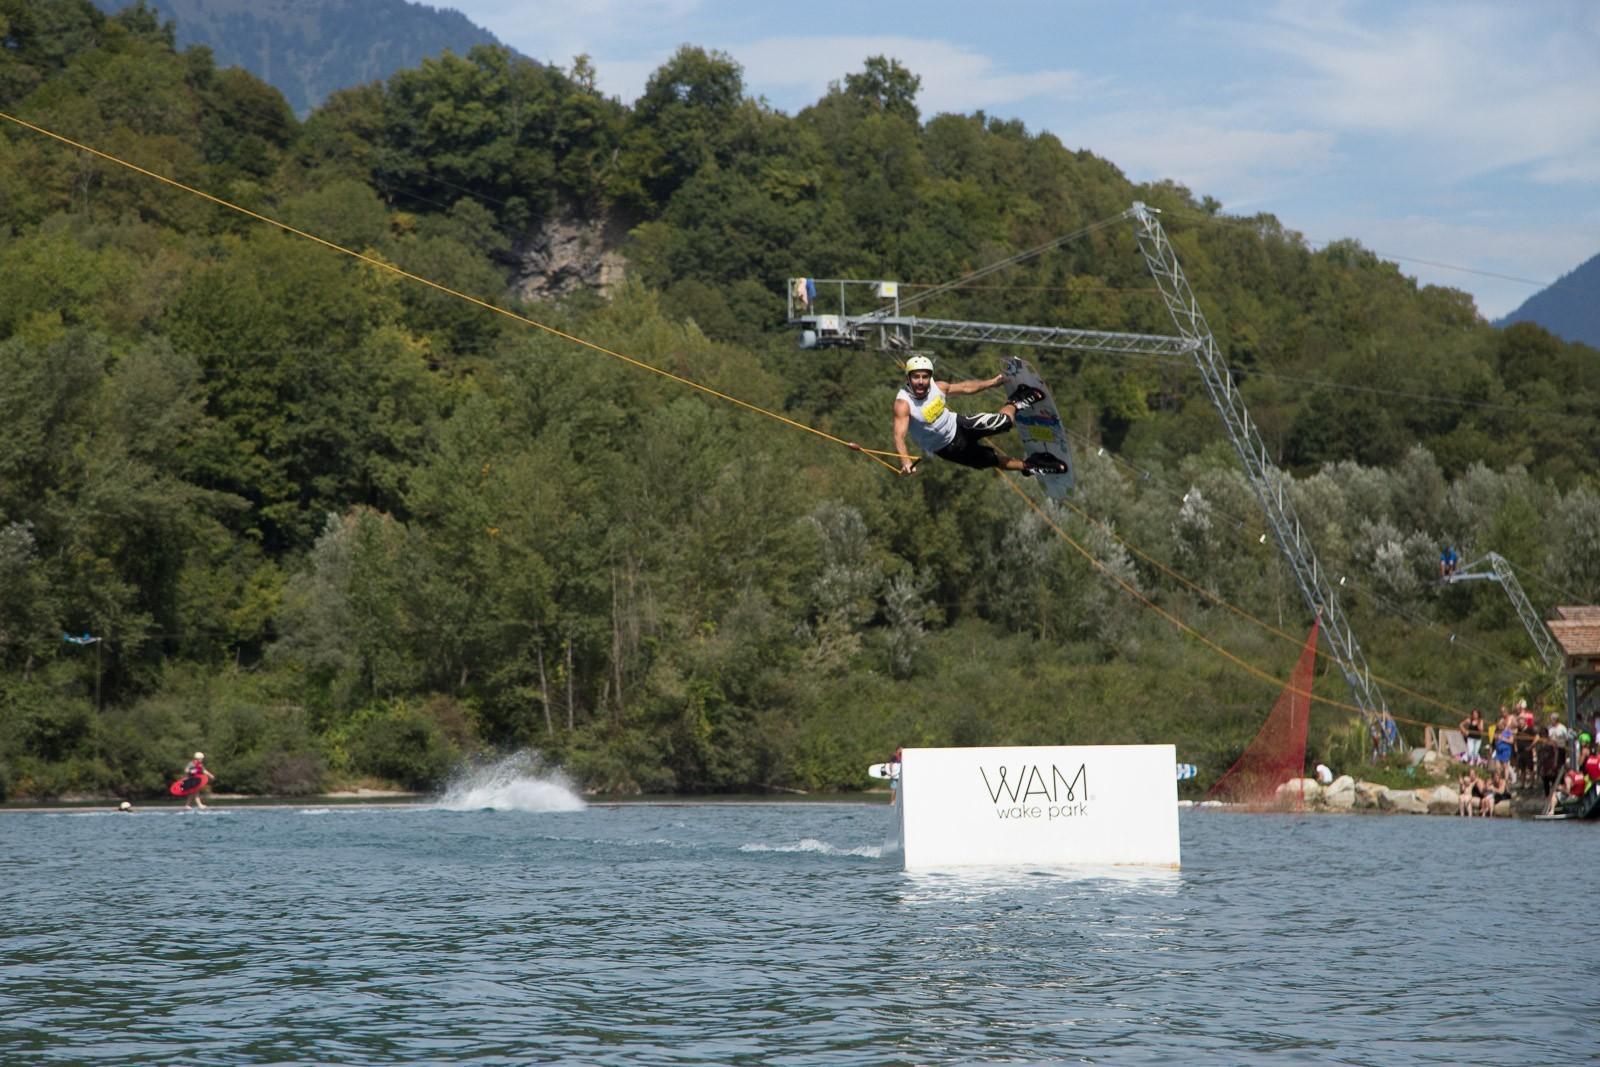 La base de entretenimiento WAM PARK | wakeboard , esquí acuático , panel angular , wakeski wakeskate . Deporte acuático en Francia , cerca de Annecy , Albertville , Chambery , Grenoble y Lyon